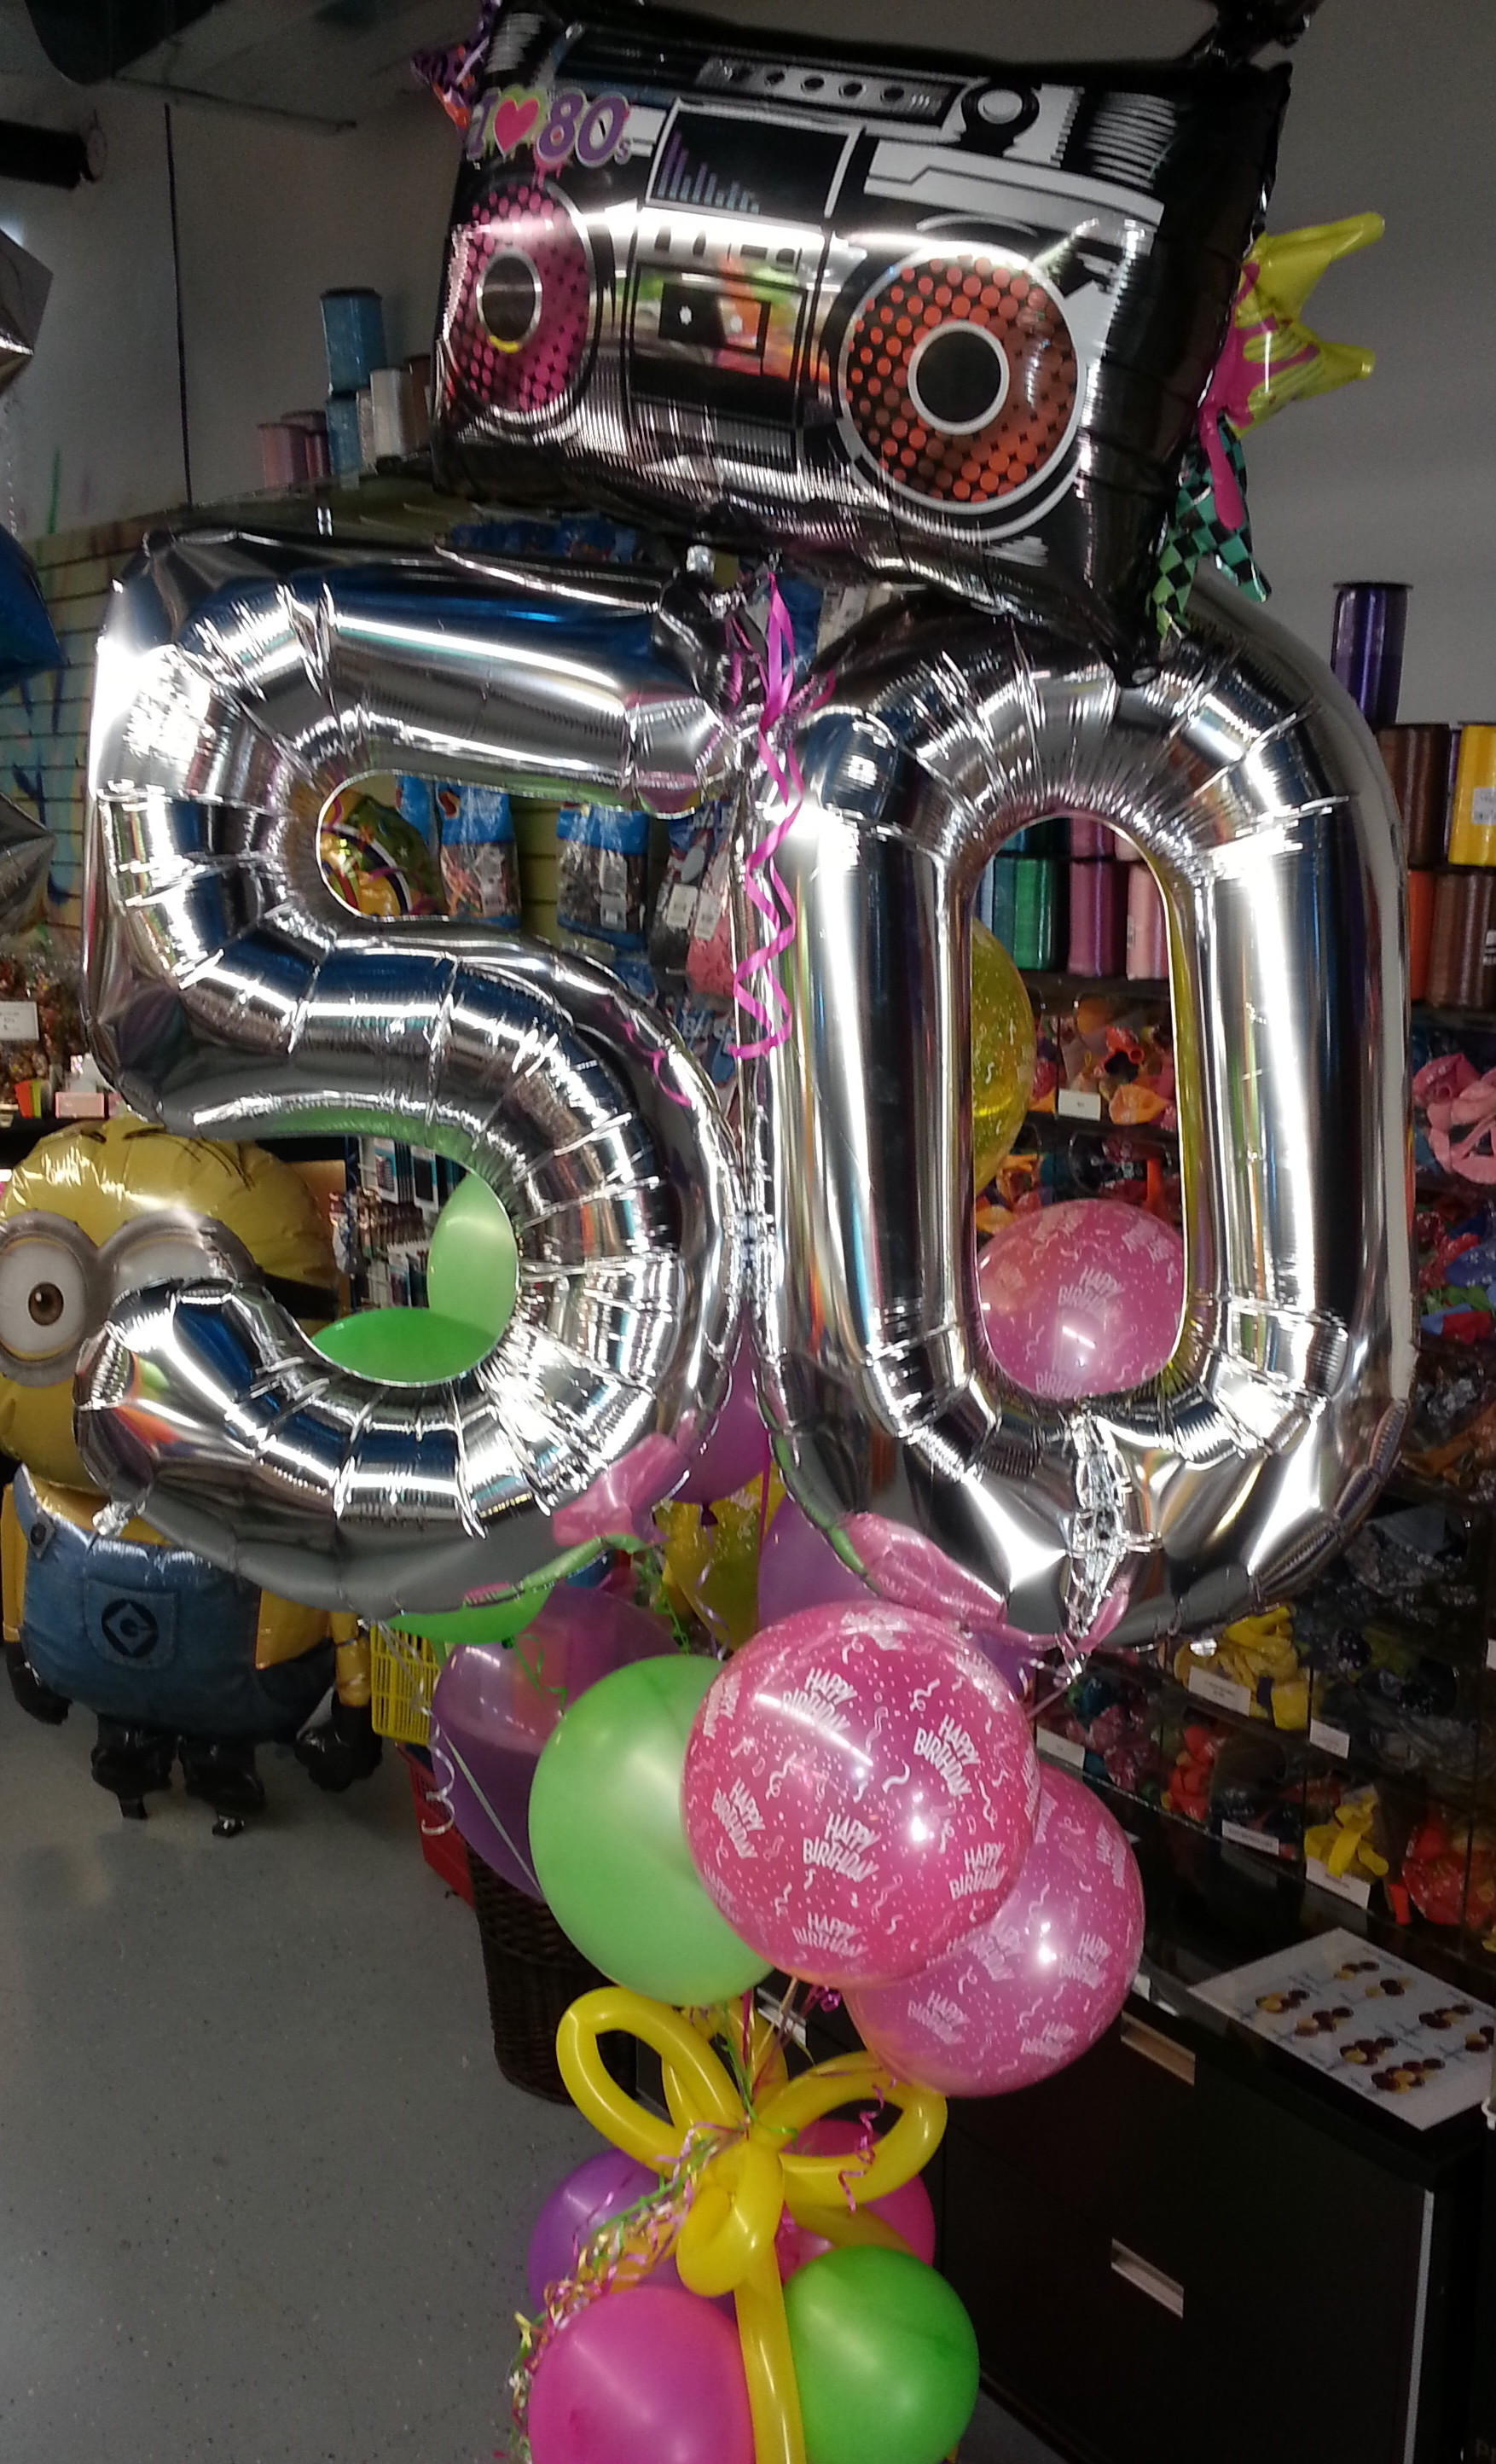 jumbo-50th Birthday-balloon-bouquet-retro-with-balloon-pkg-weight